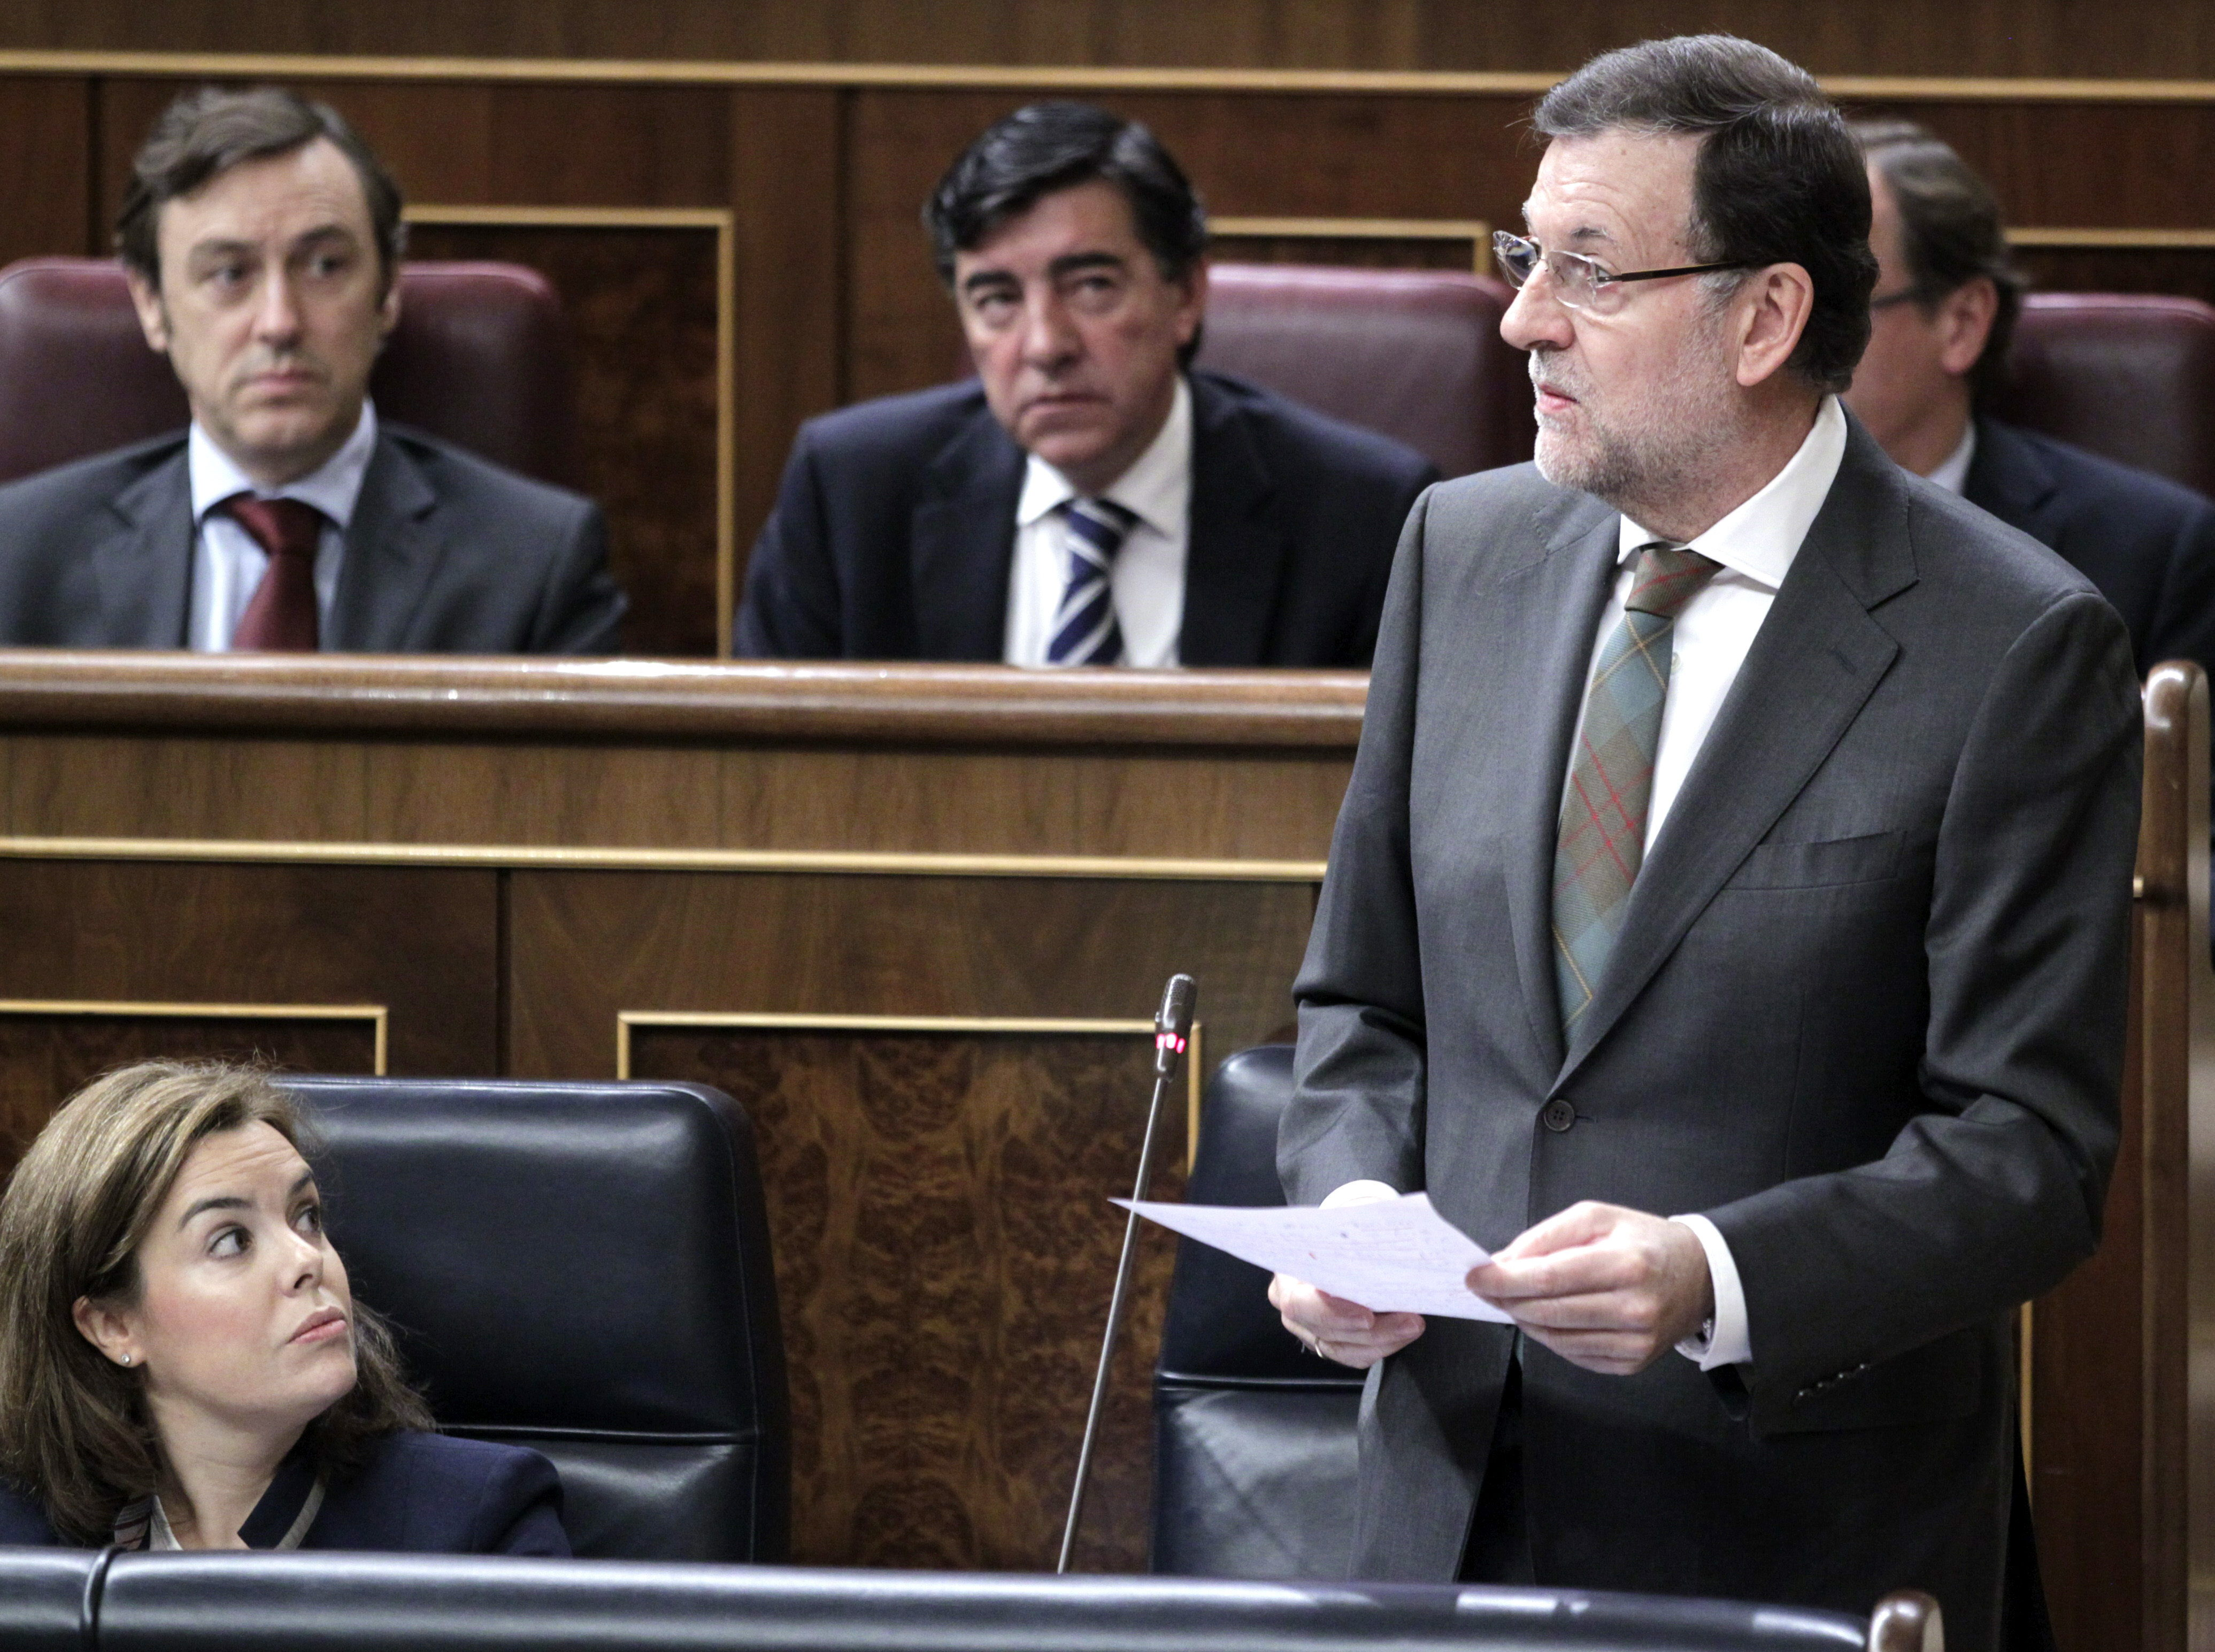 La delegación catalana defenderá que hay vías legales para acordar la consulta